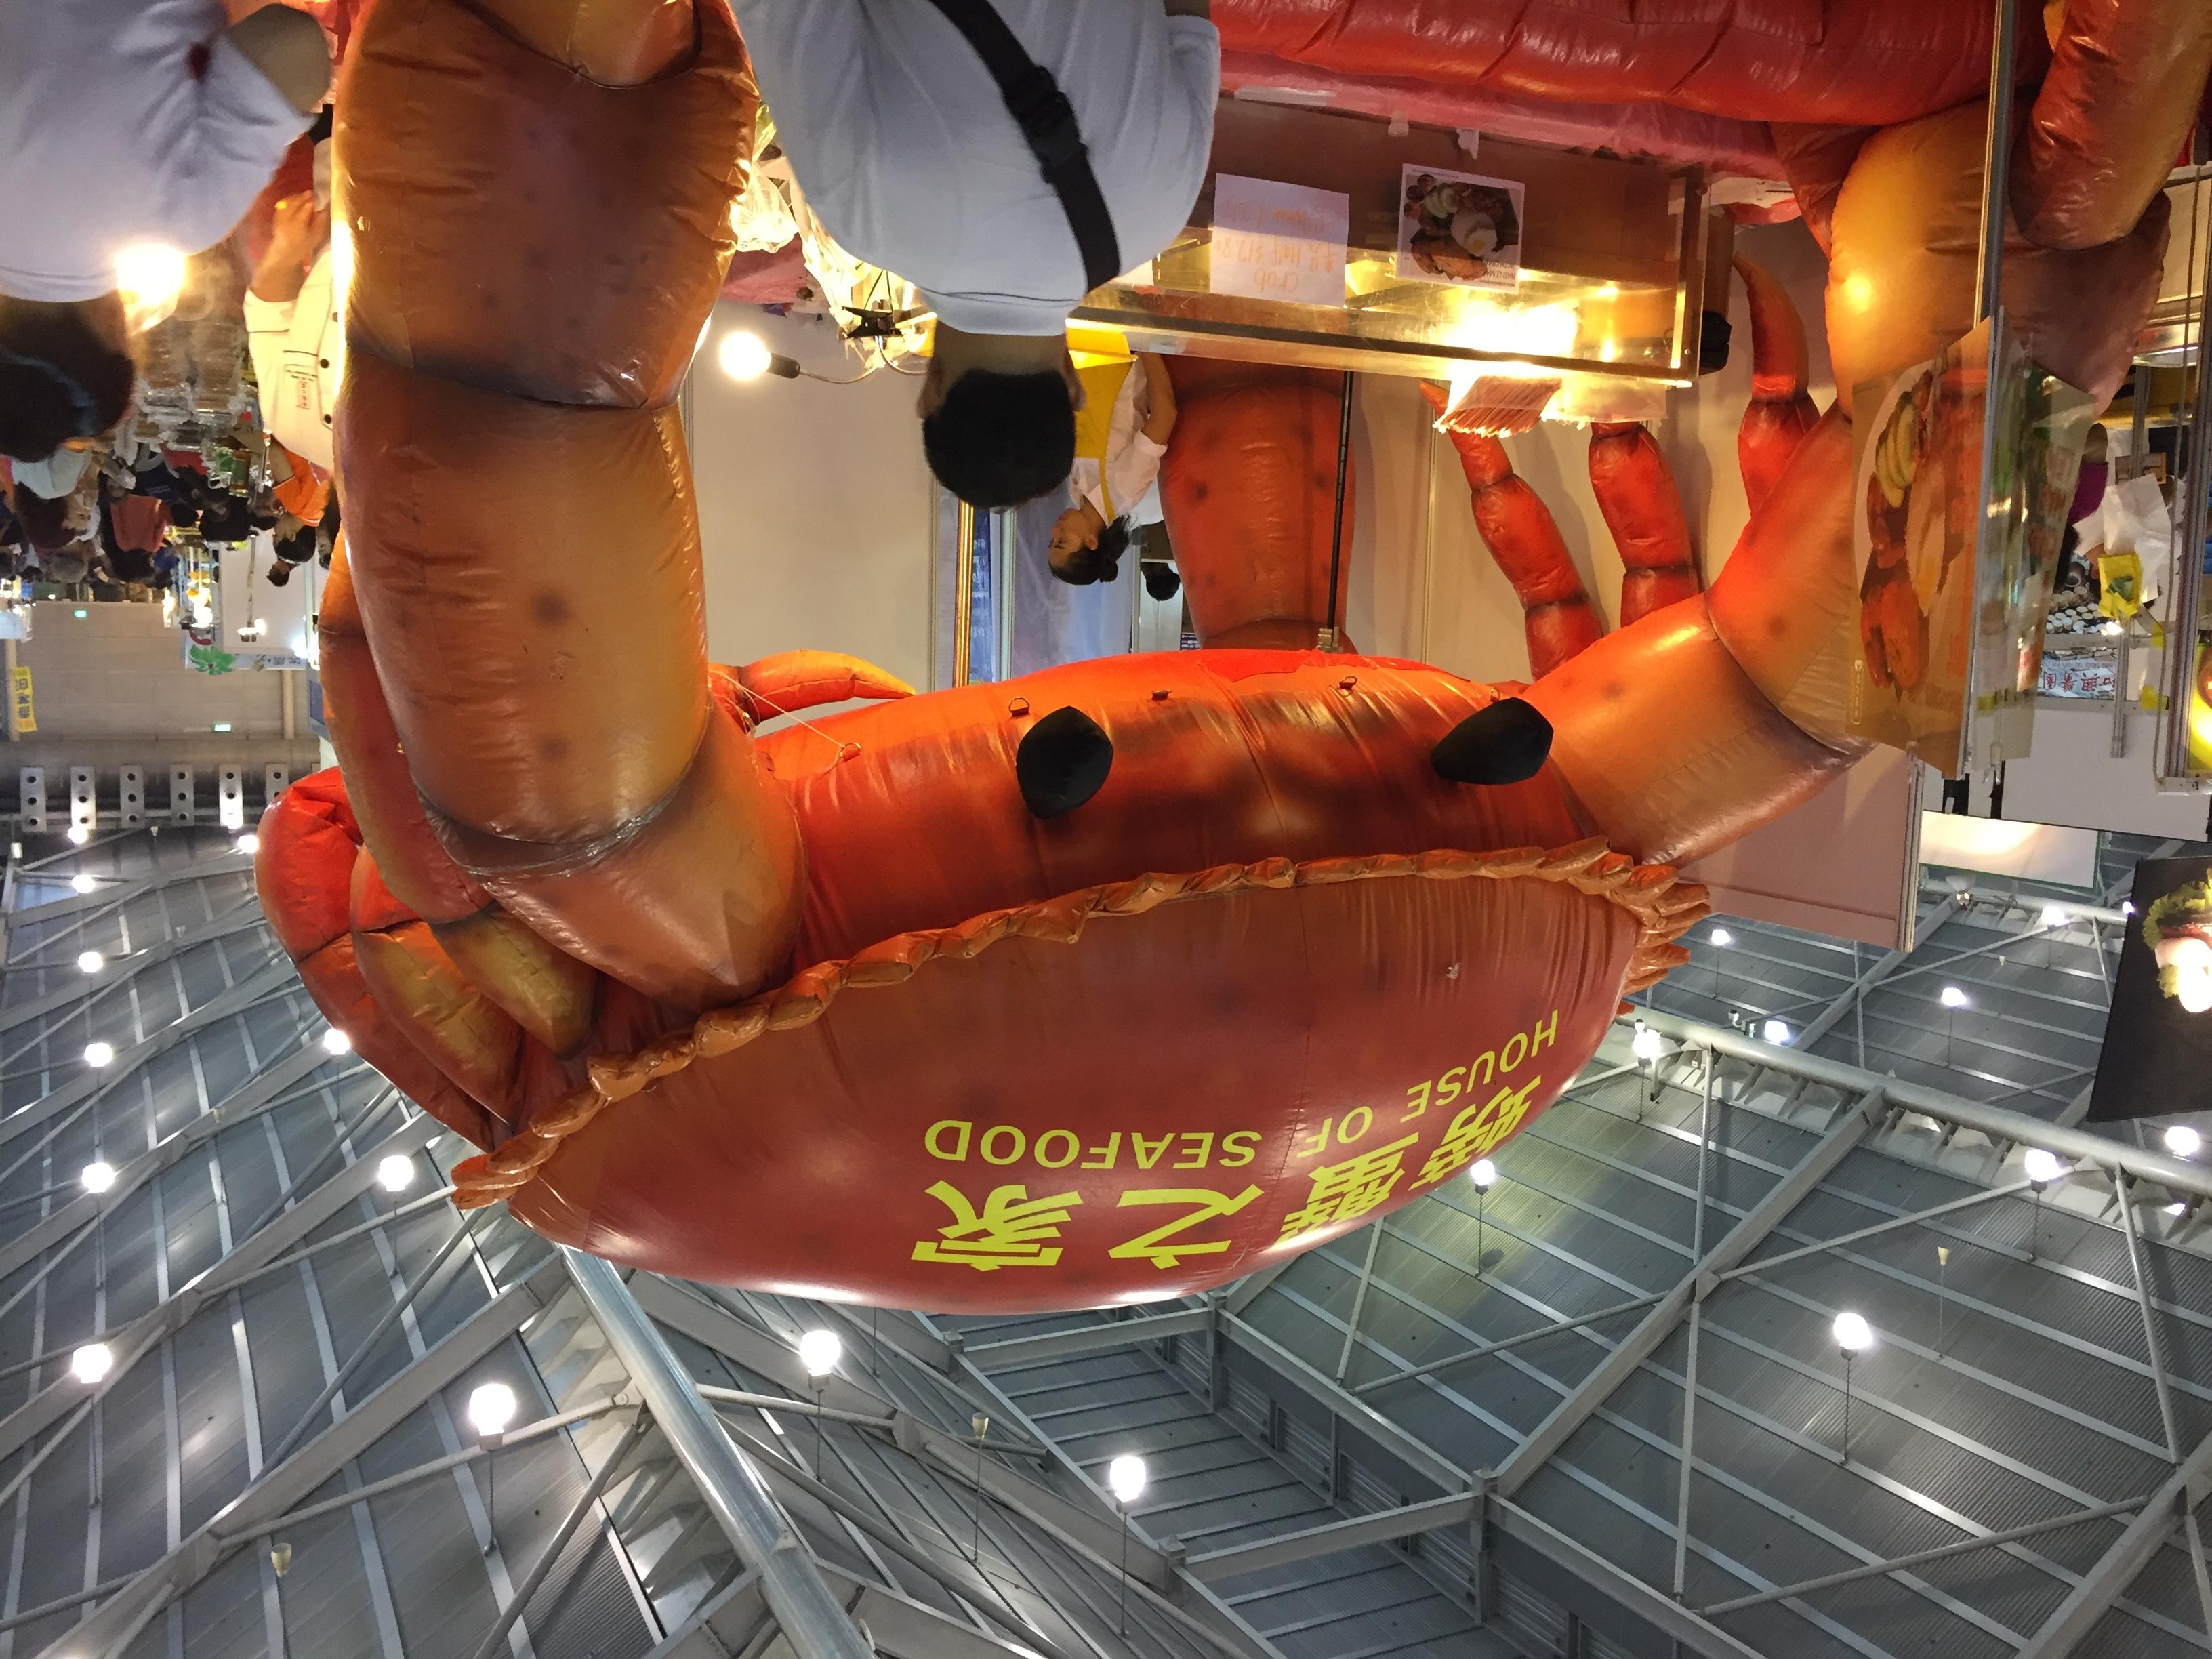 Giant crab invasion!